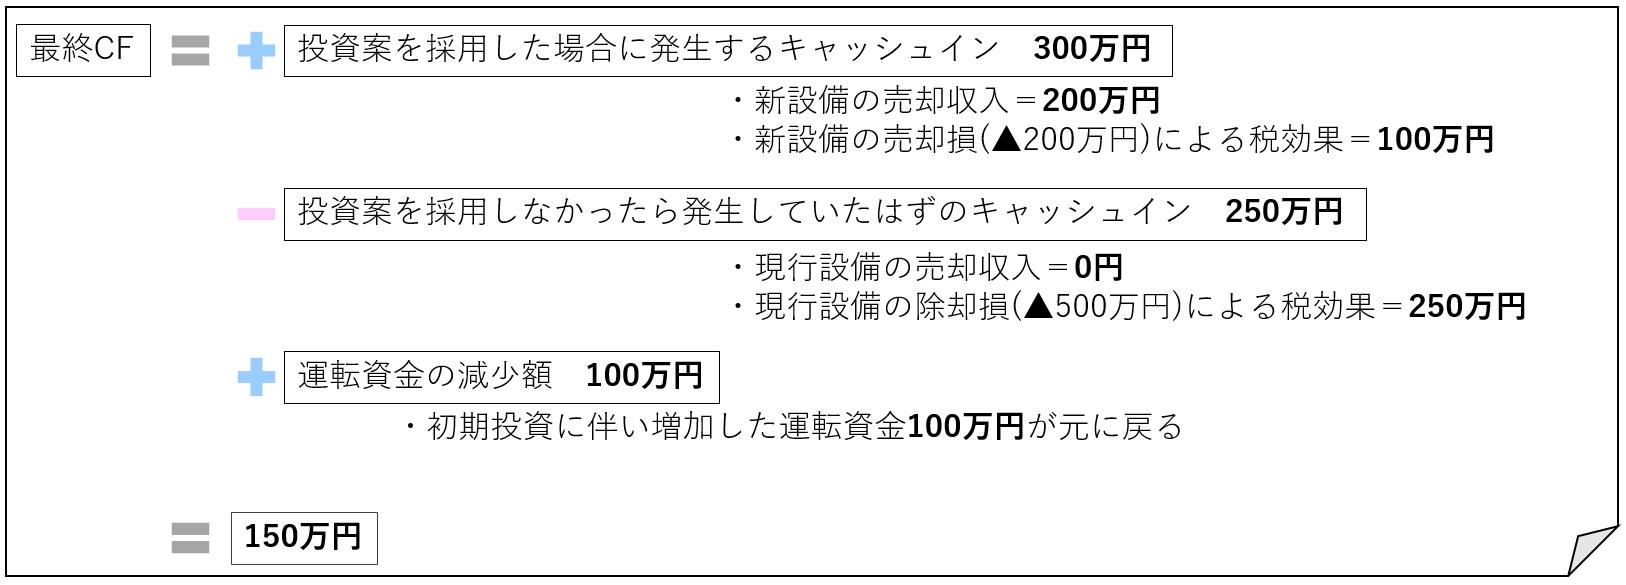 ⑤最終処分に伴うCF(数字あり)